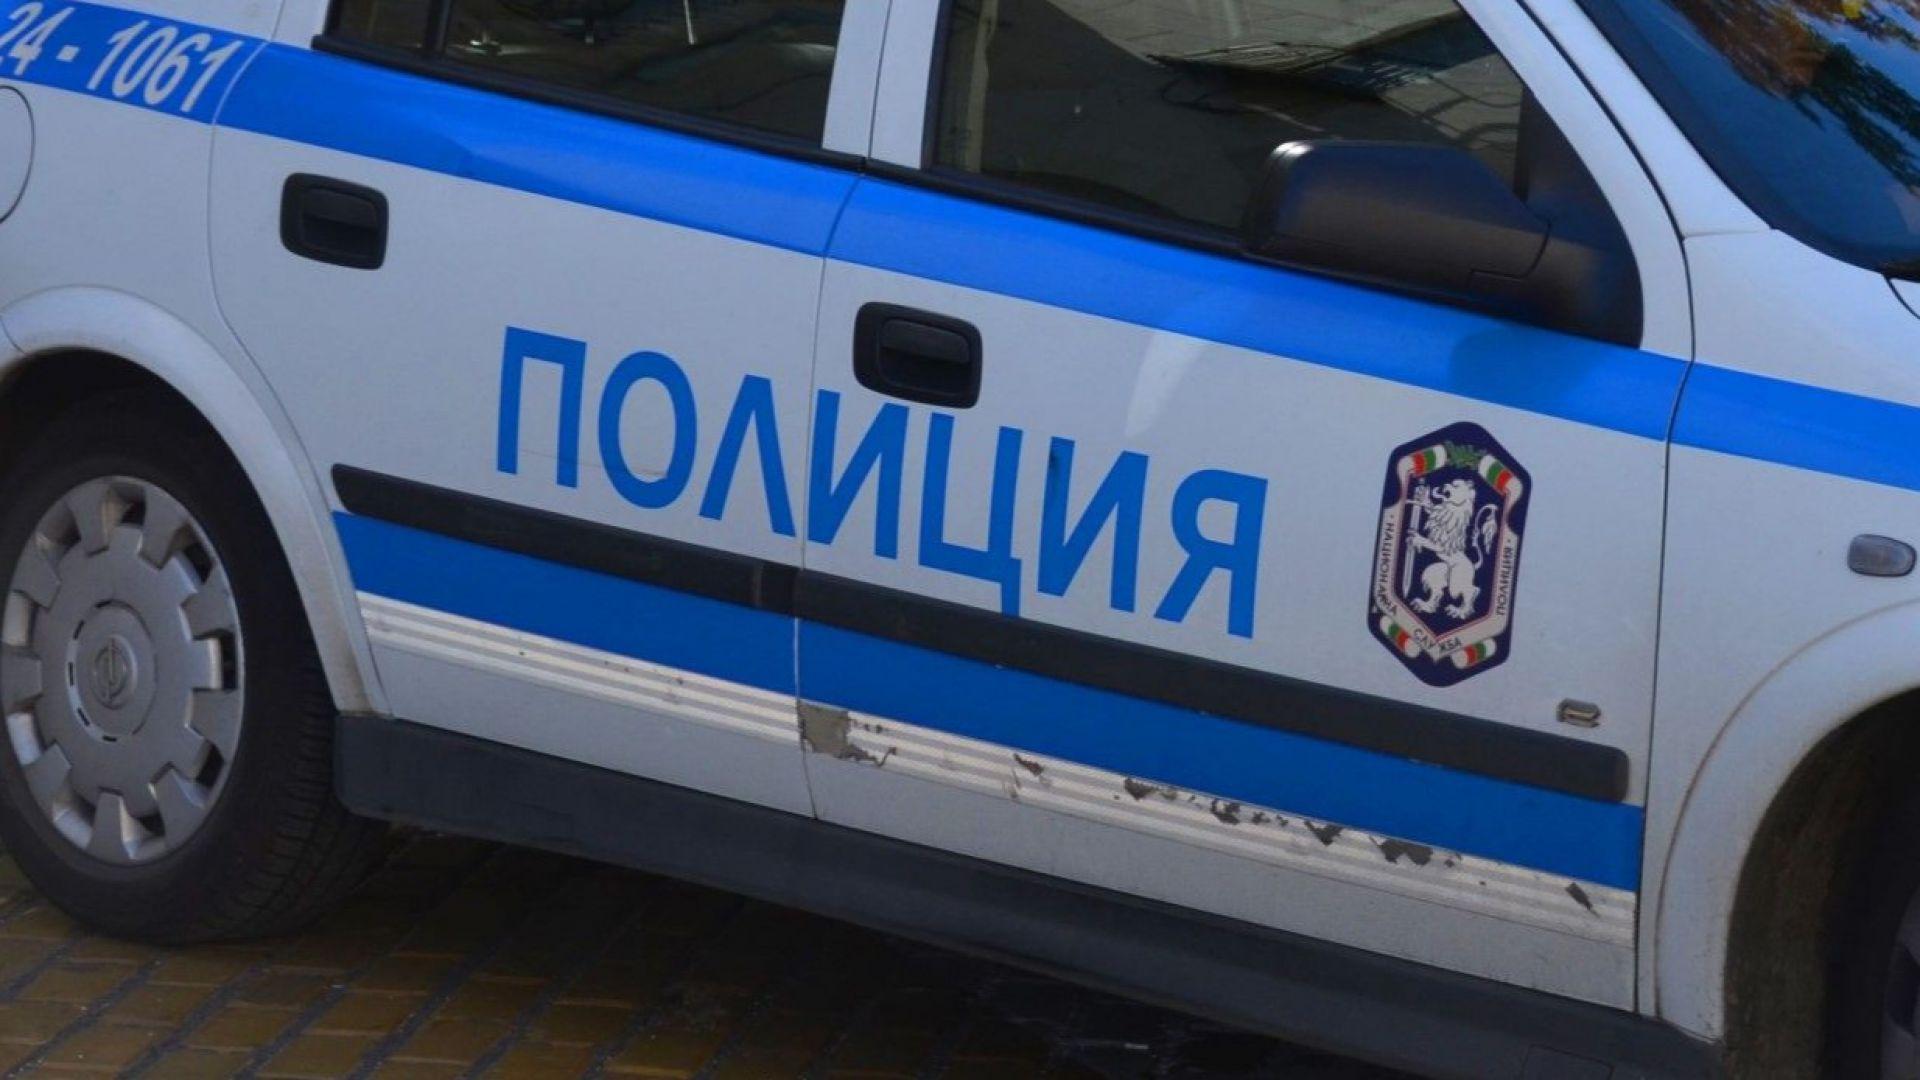 Двама мъже загинаха при ремонт на бойлер